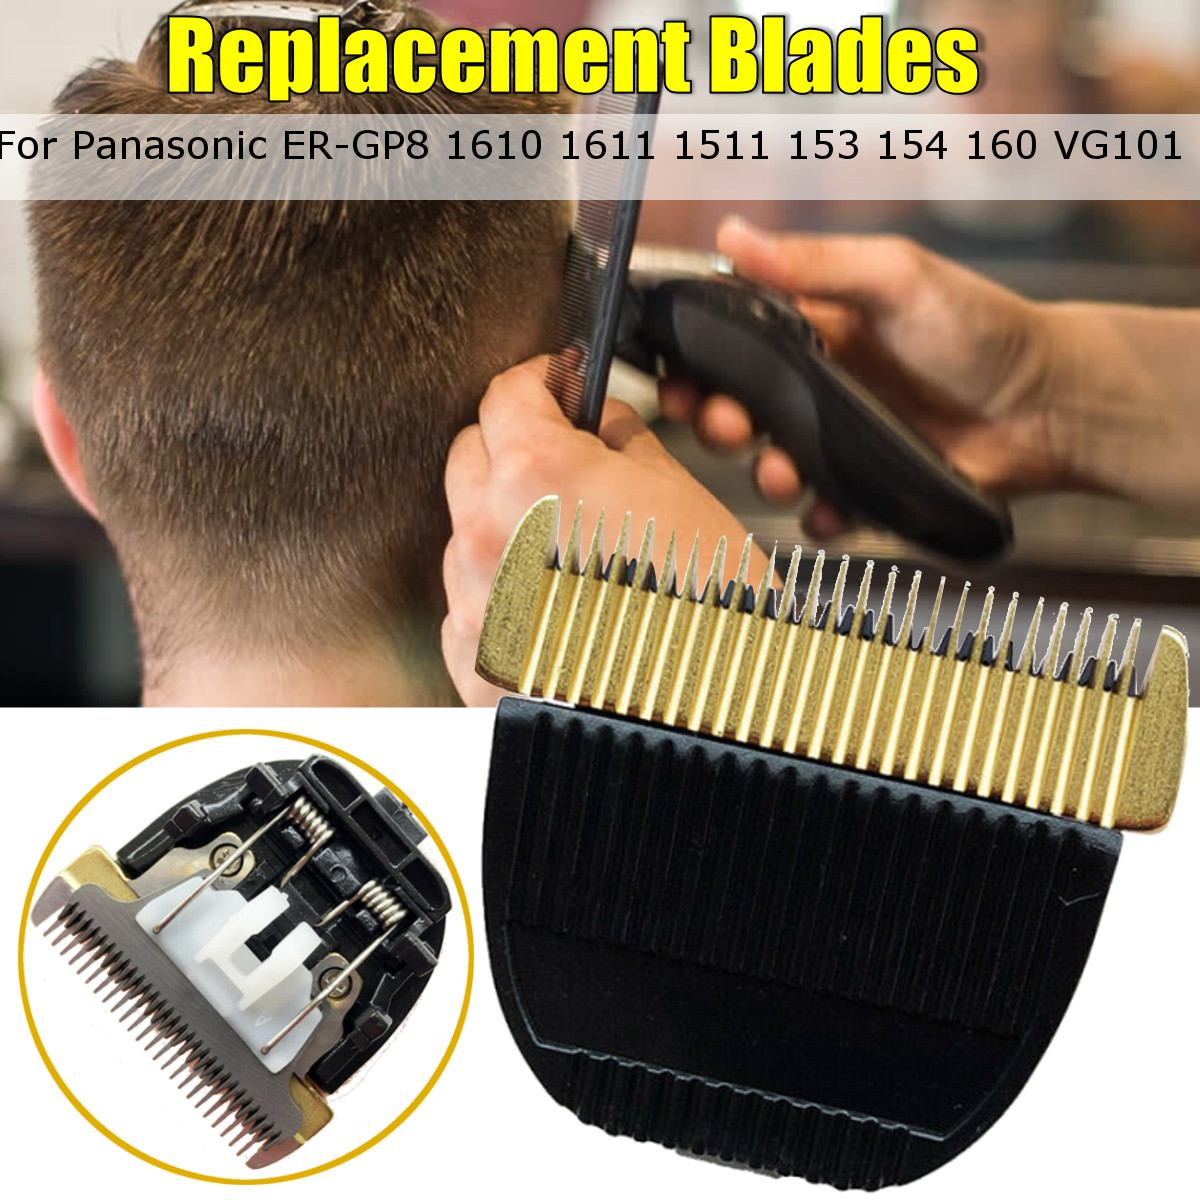 Substituição de titânio cerâmica lâminas clipper para panasonic ER-GP8 1610 1611 1511 153 154 160 vg101 cortador cabelo grooming trimmer